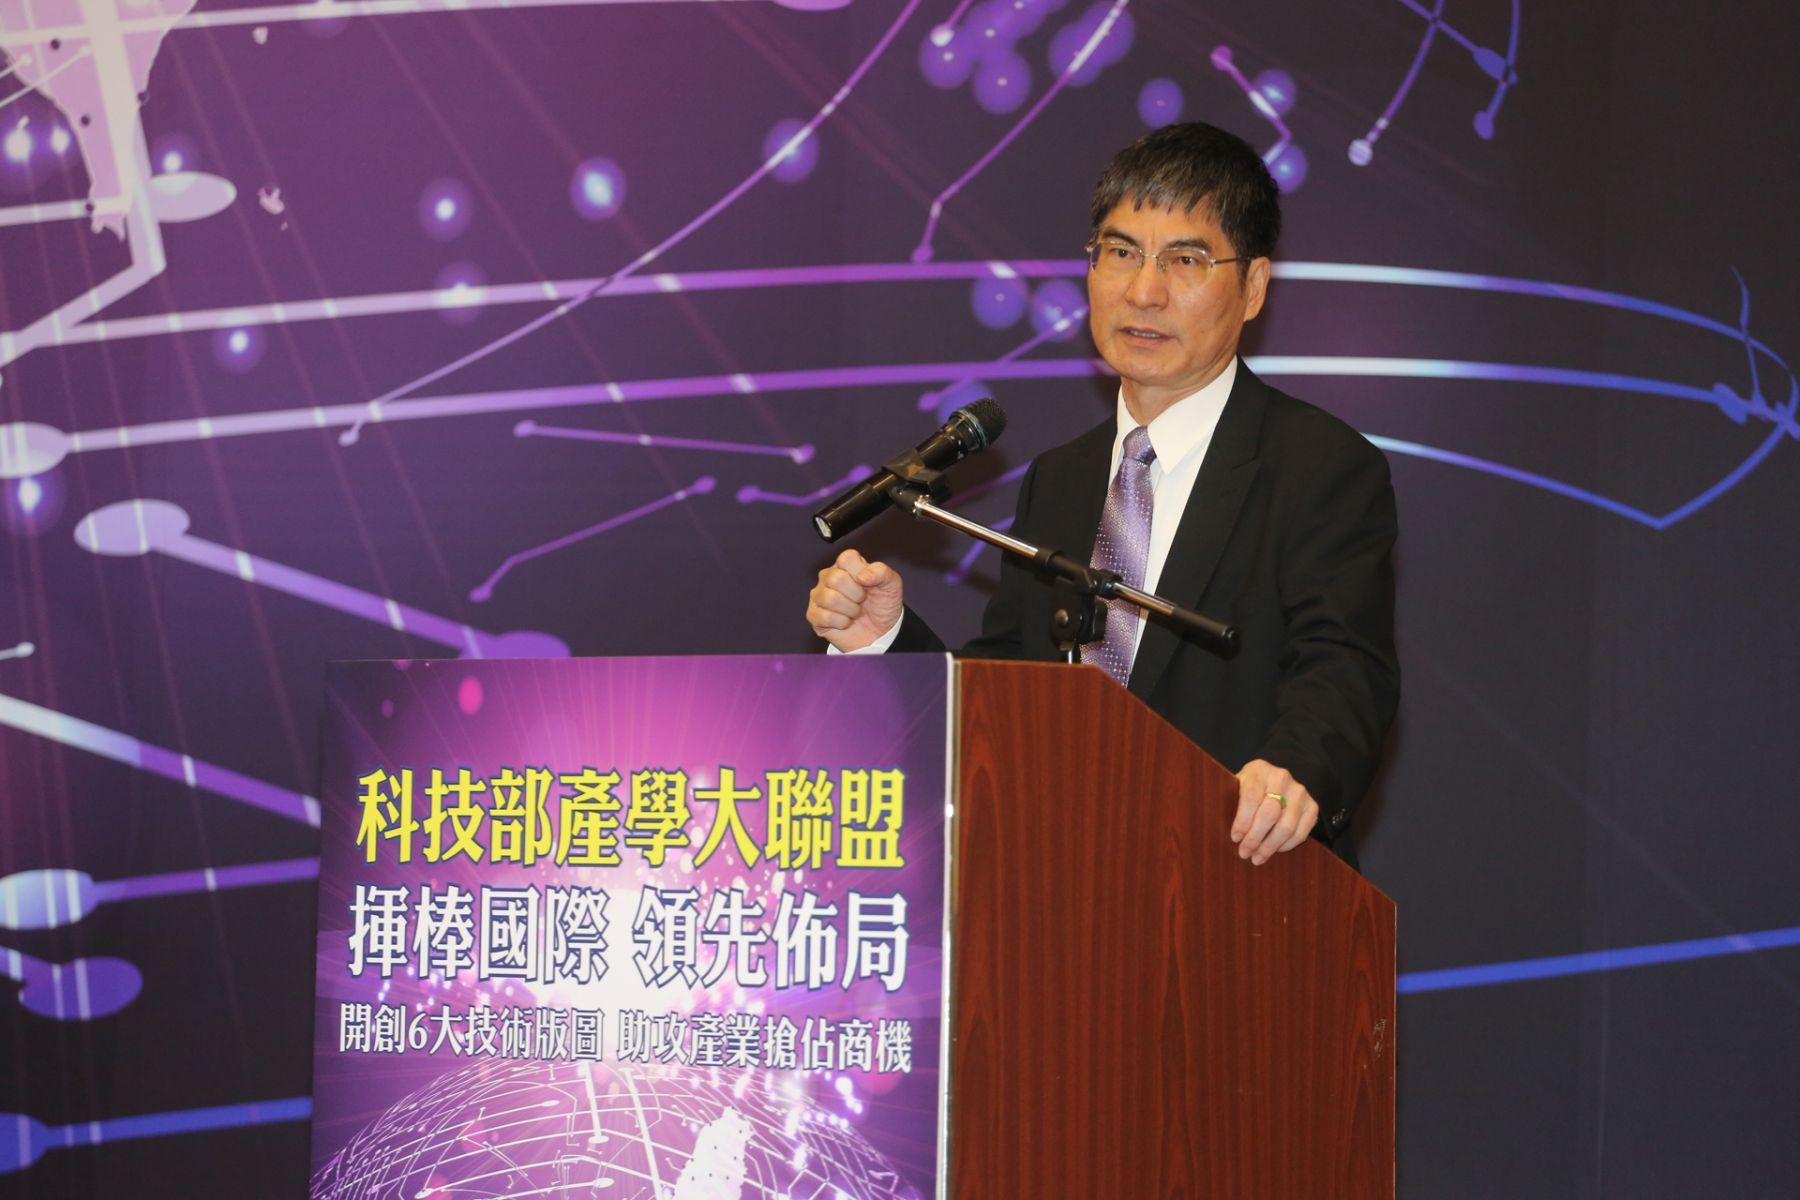 小國也能打大聯盟 科技部長陳良基:用產學合作打群架